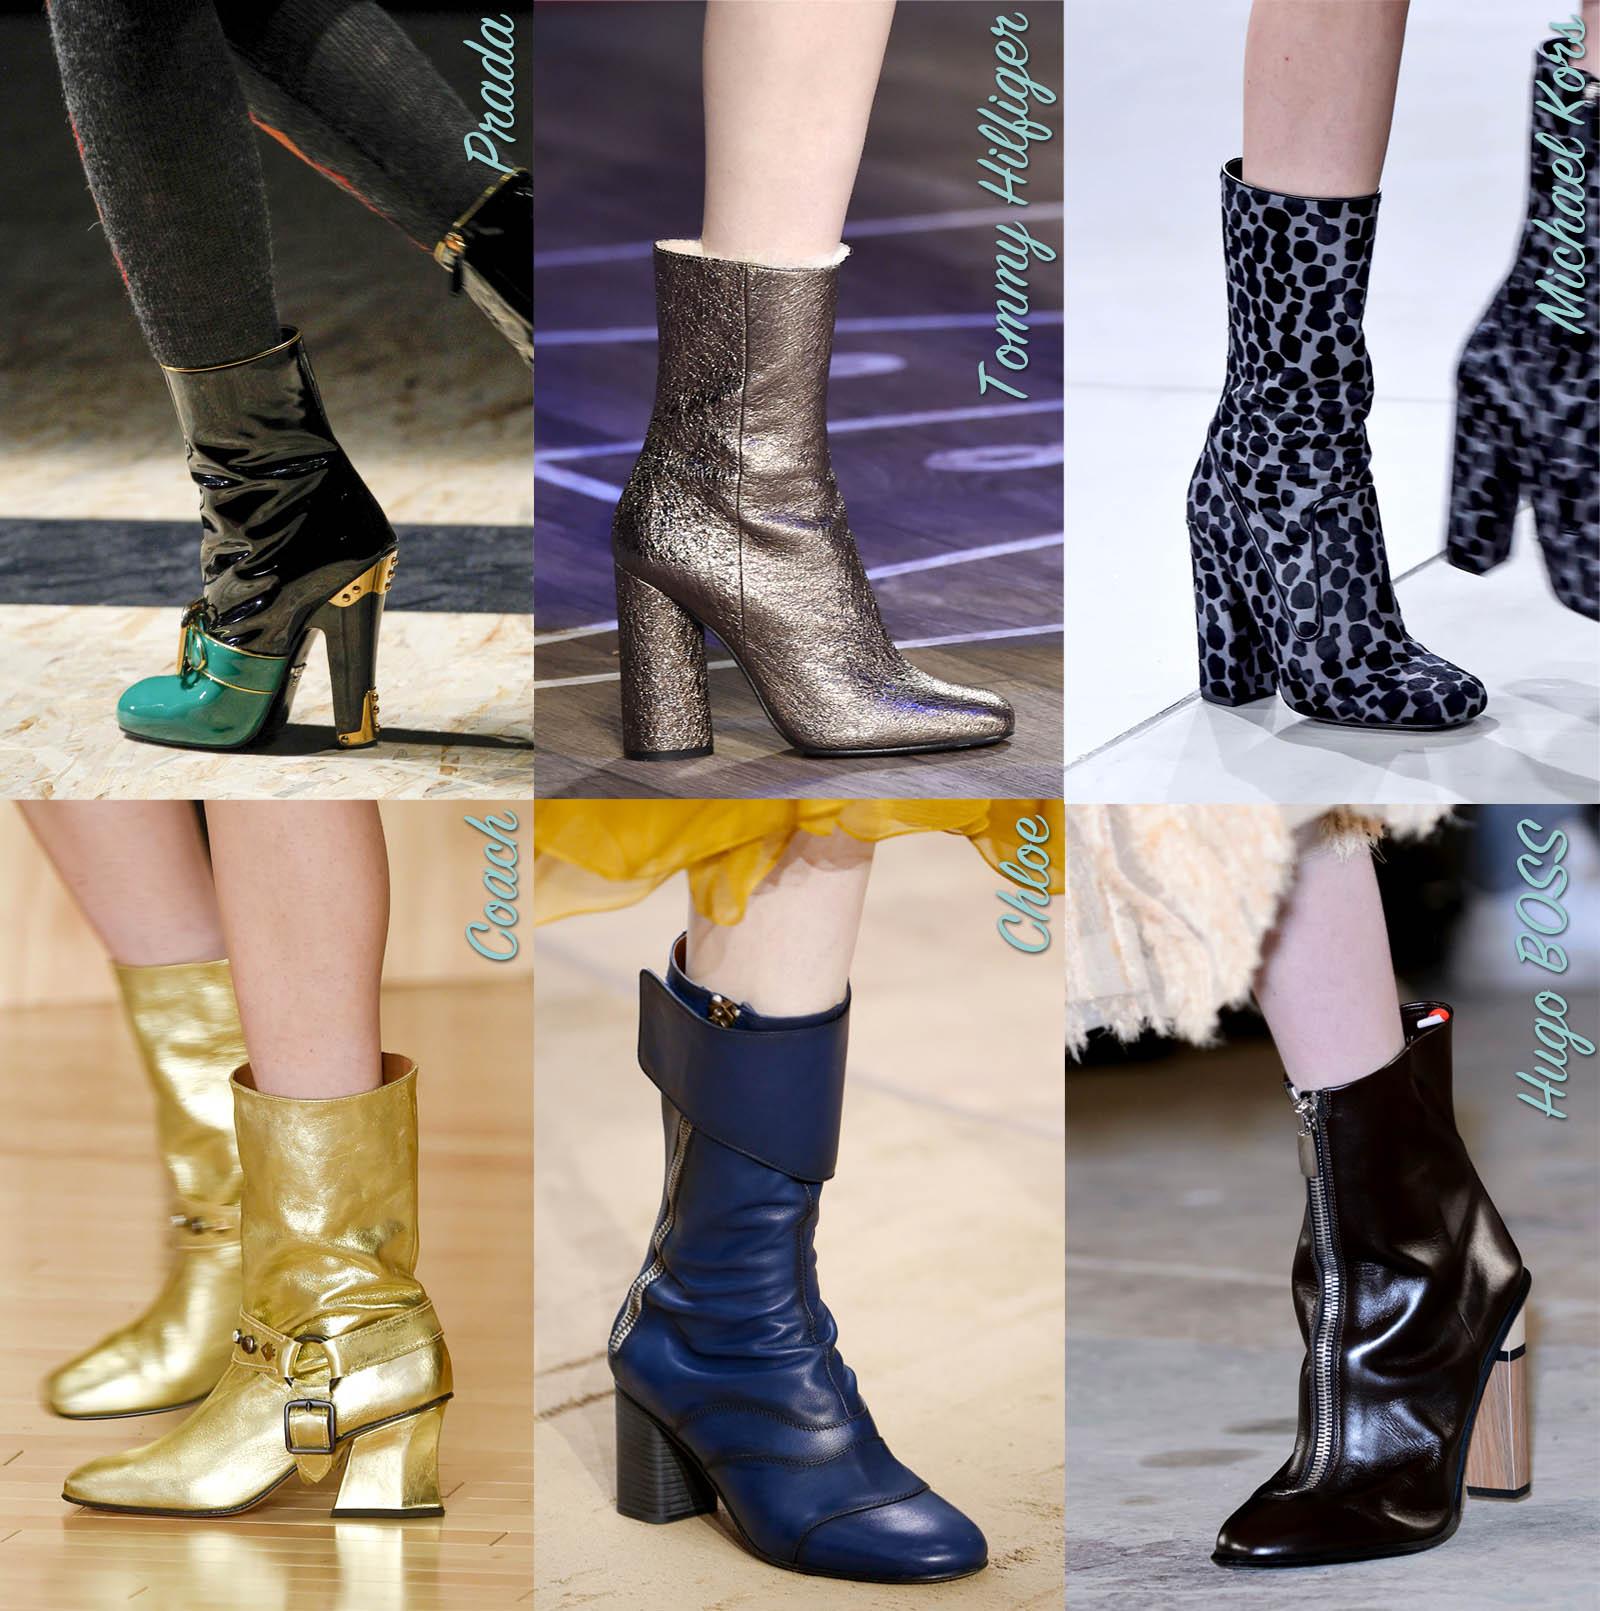 boots heels fall boot trends winter 2016 designer accessories get the look